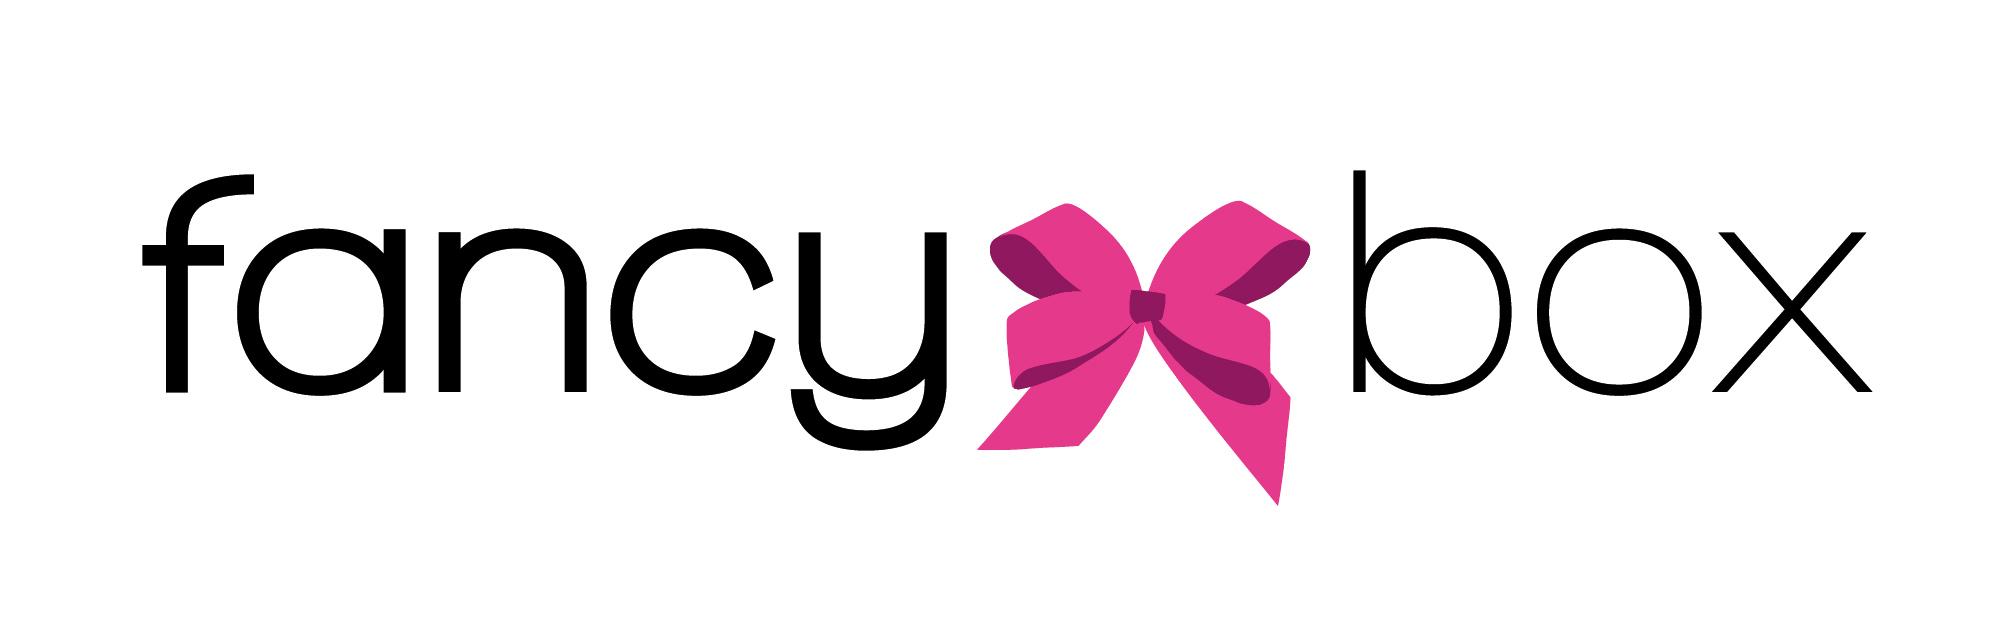 20120510_FANCY-BOX-logo-positivo | PulsoSocial